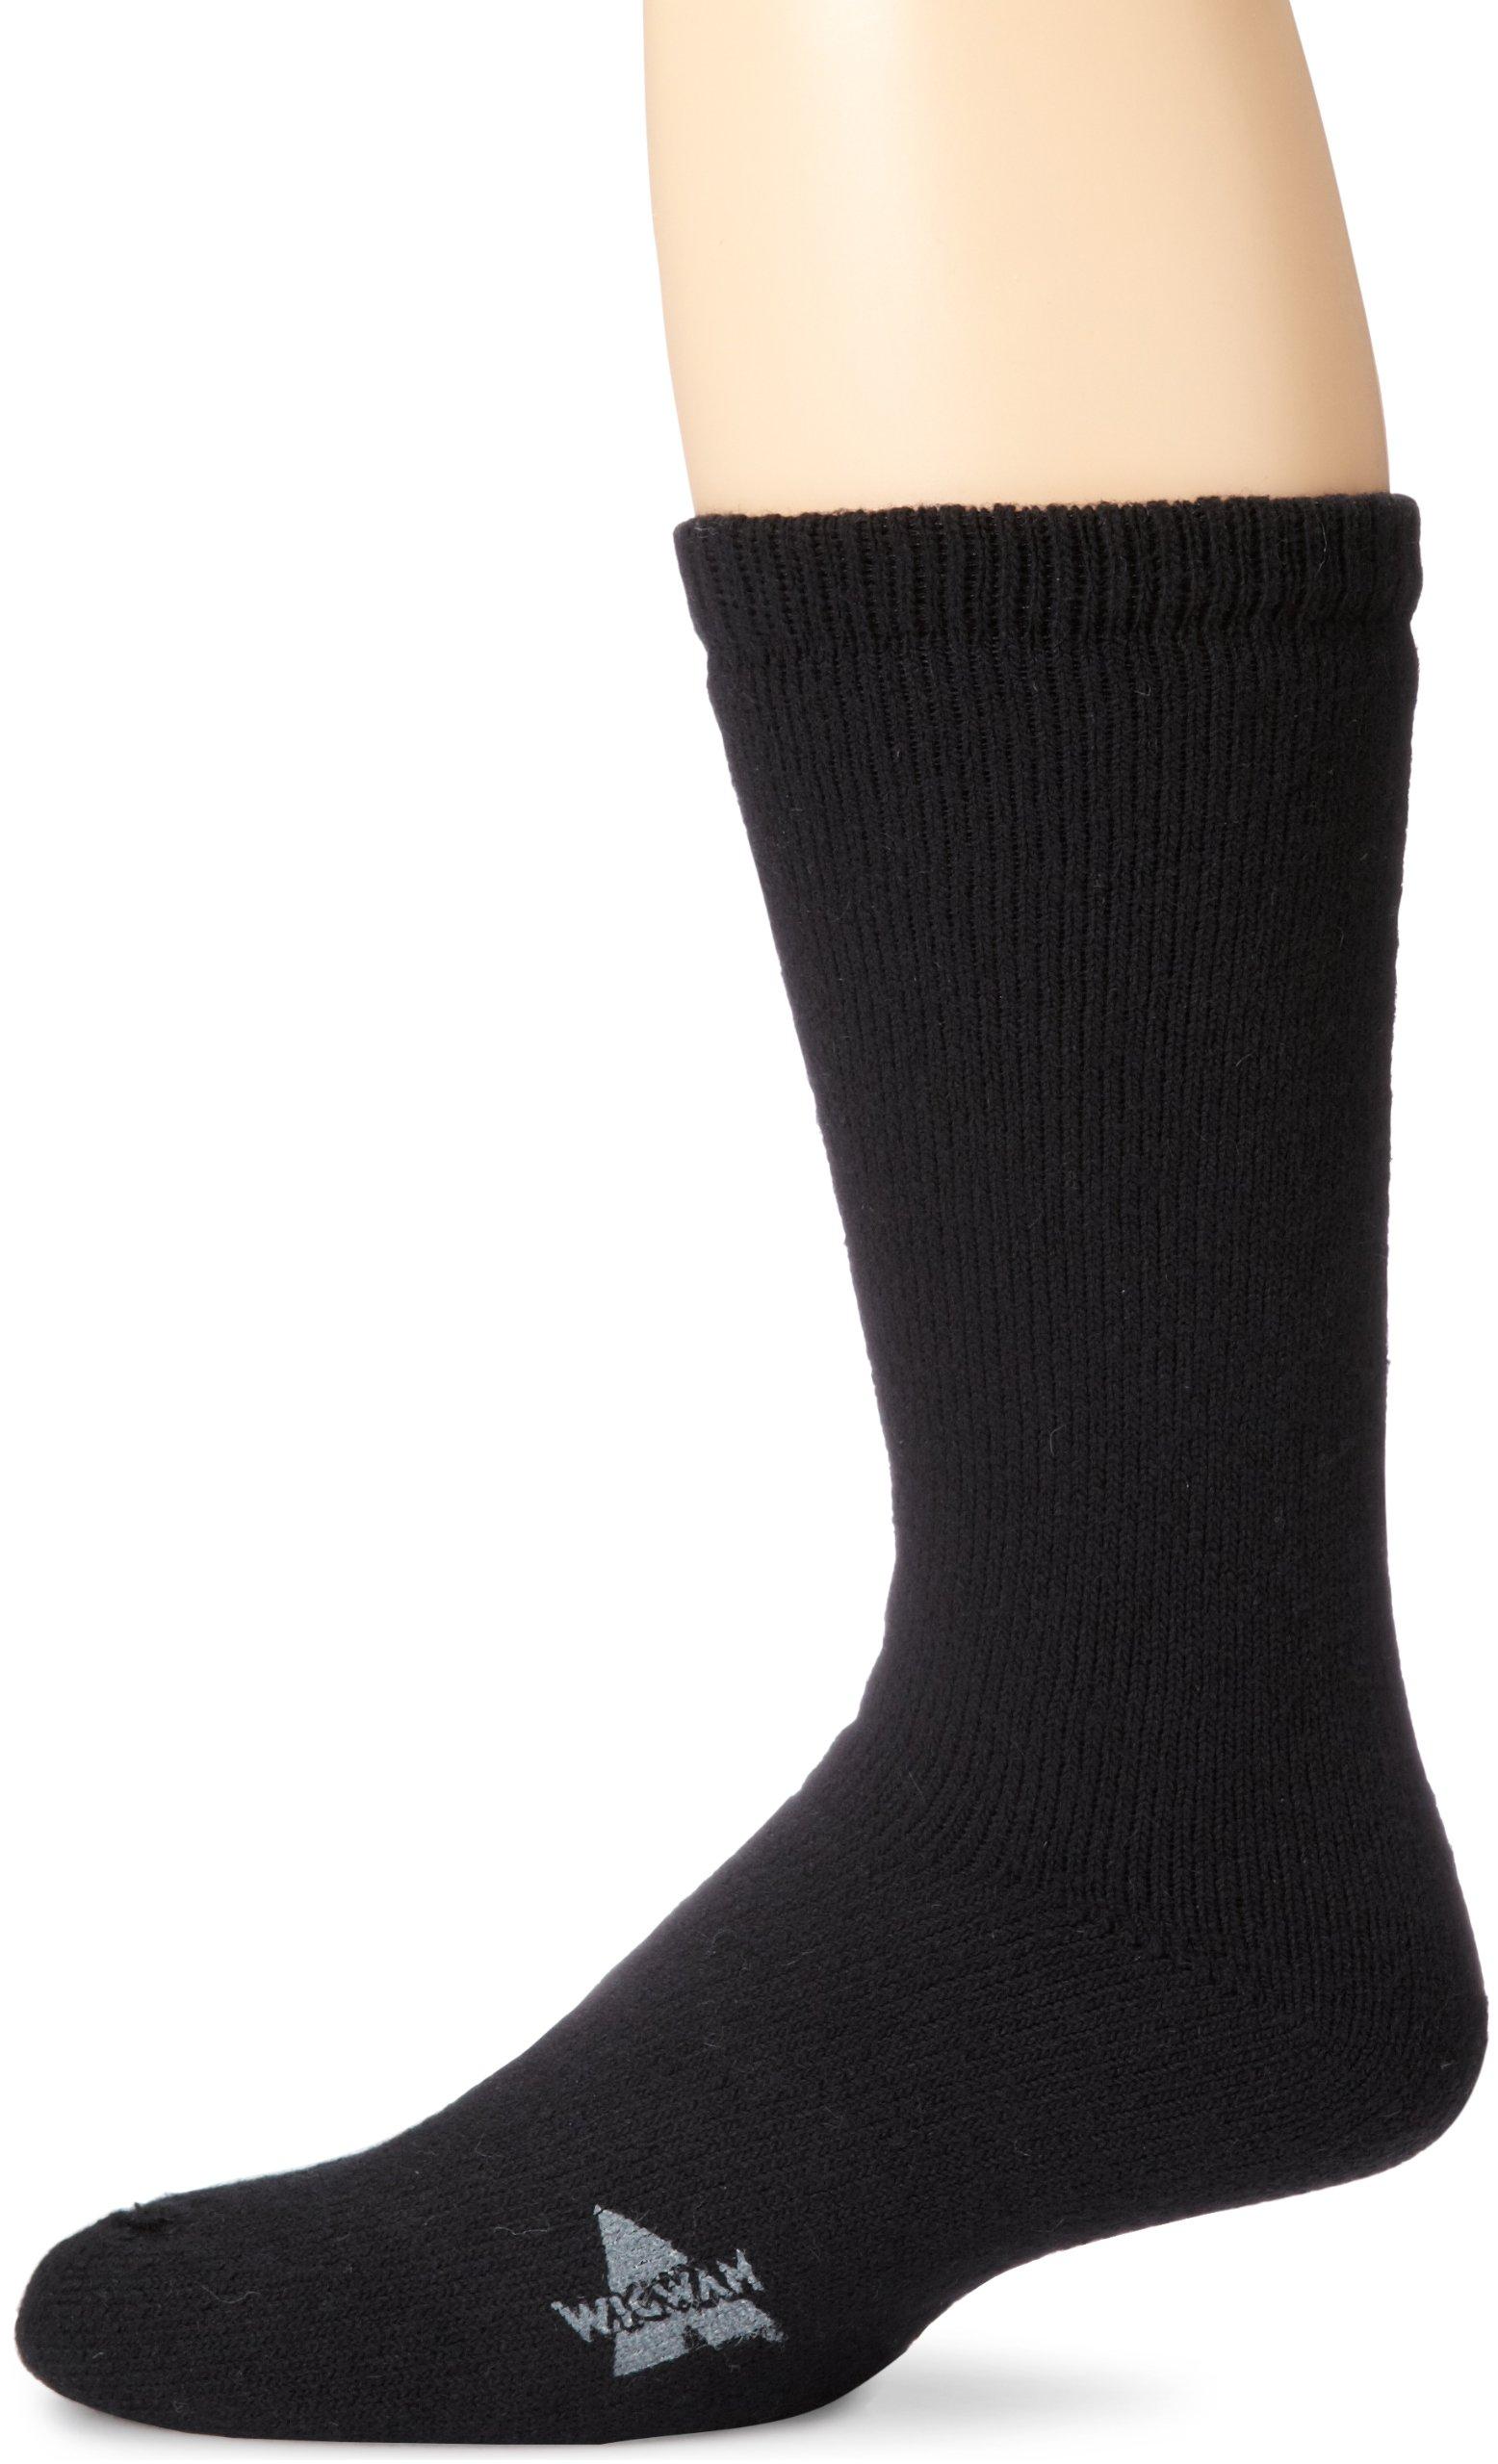 Wigwam Men's 40 Below Heavyweight Boot Socks, Black, X-Large by Wigwam